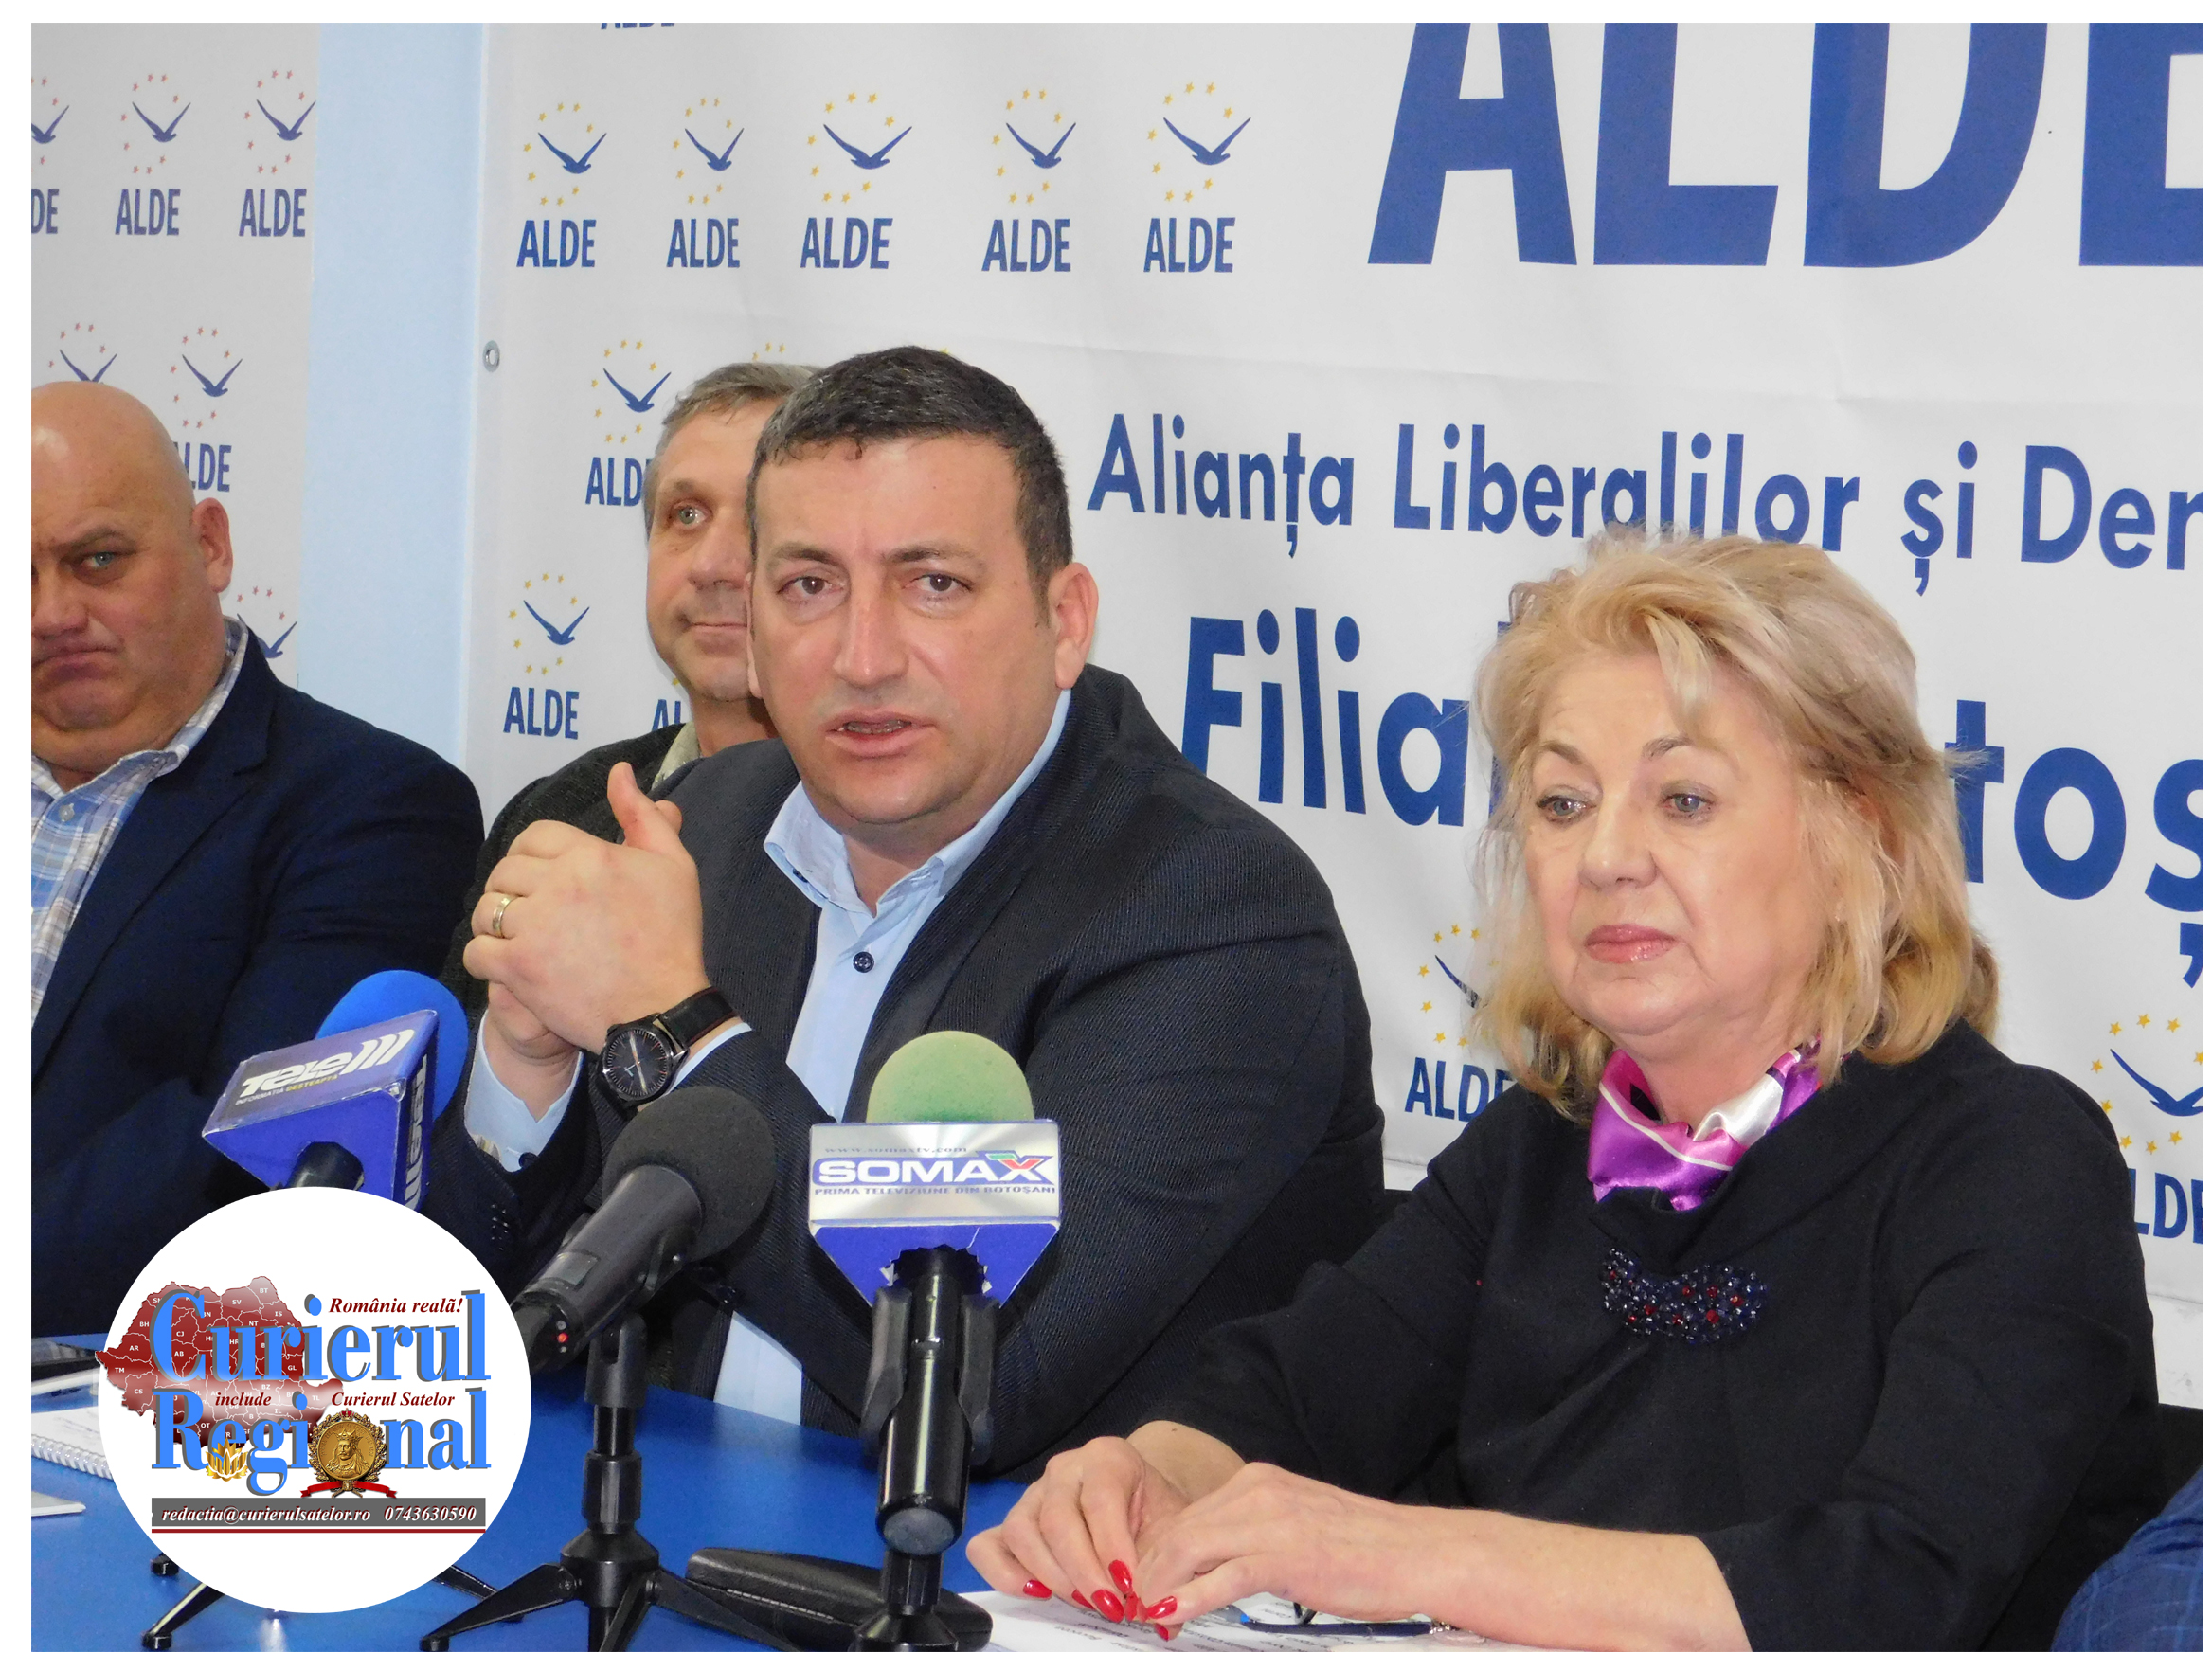 Încă 9 cu ALDE în frunte pentru județul Botoșani - Foto/Video 9